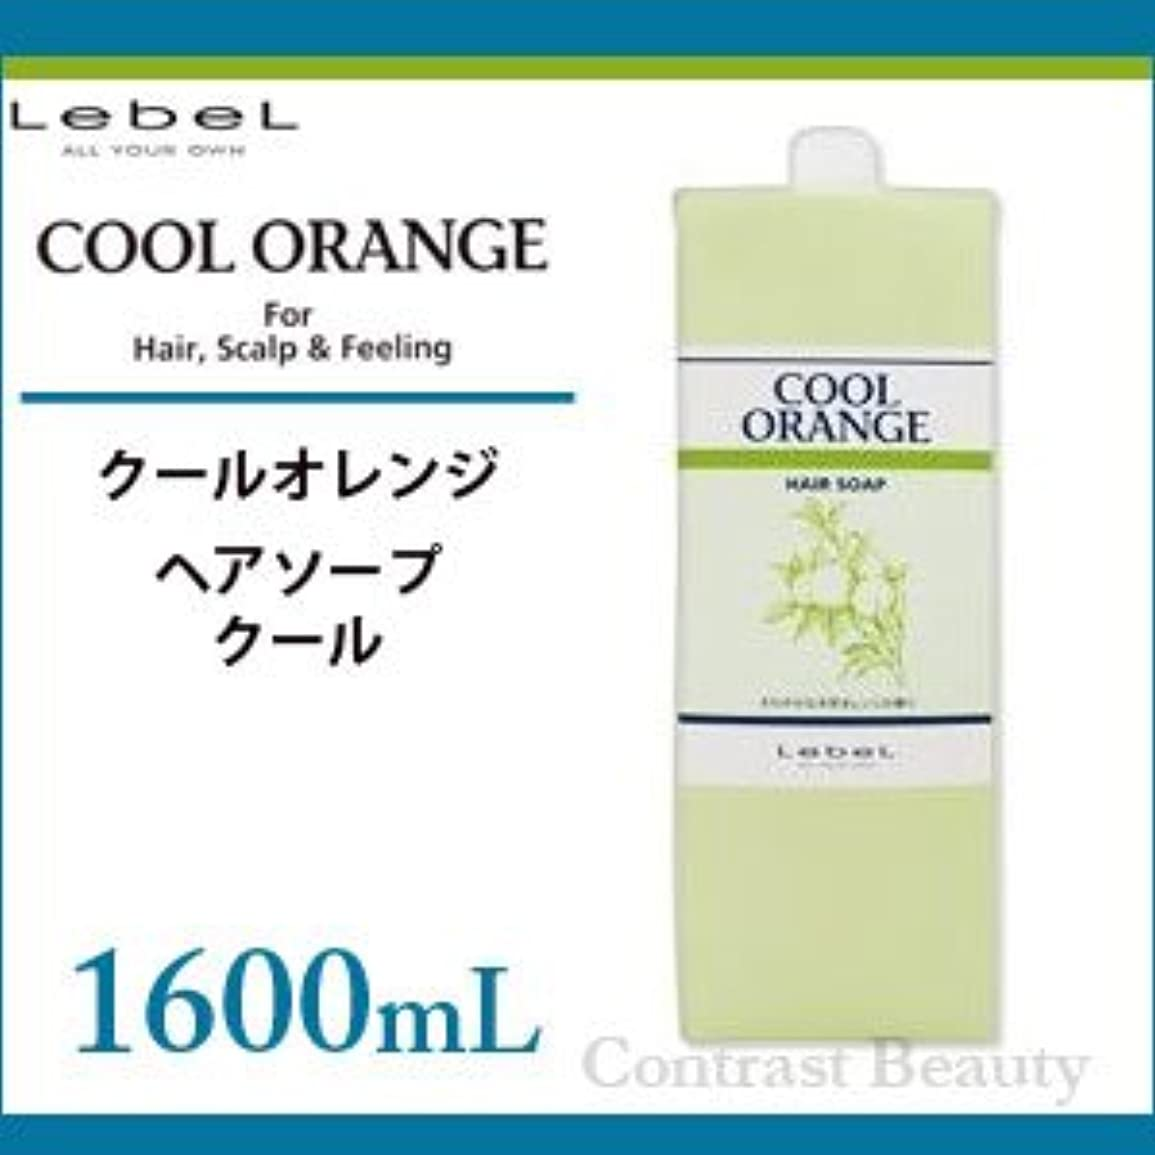 名前ですばらしいですタイヤルベル クールオレンジ ヘアソープ クール 1600ml